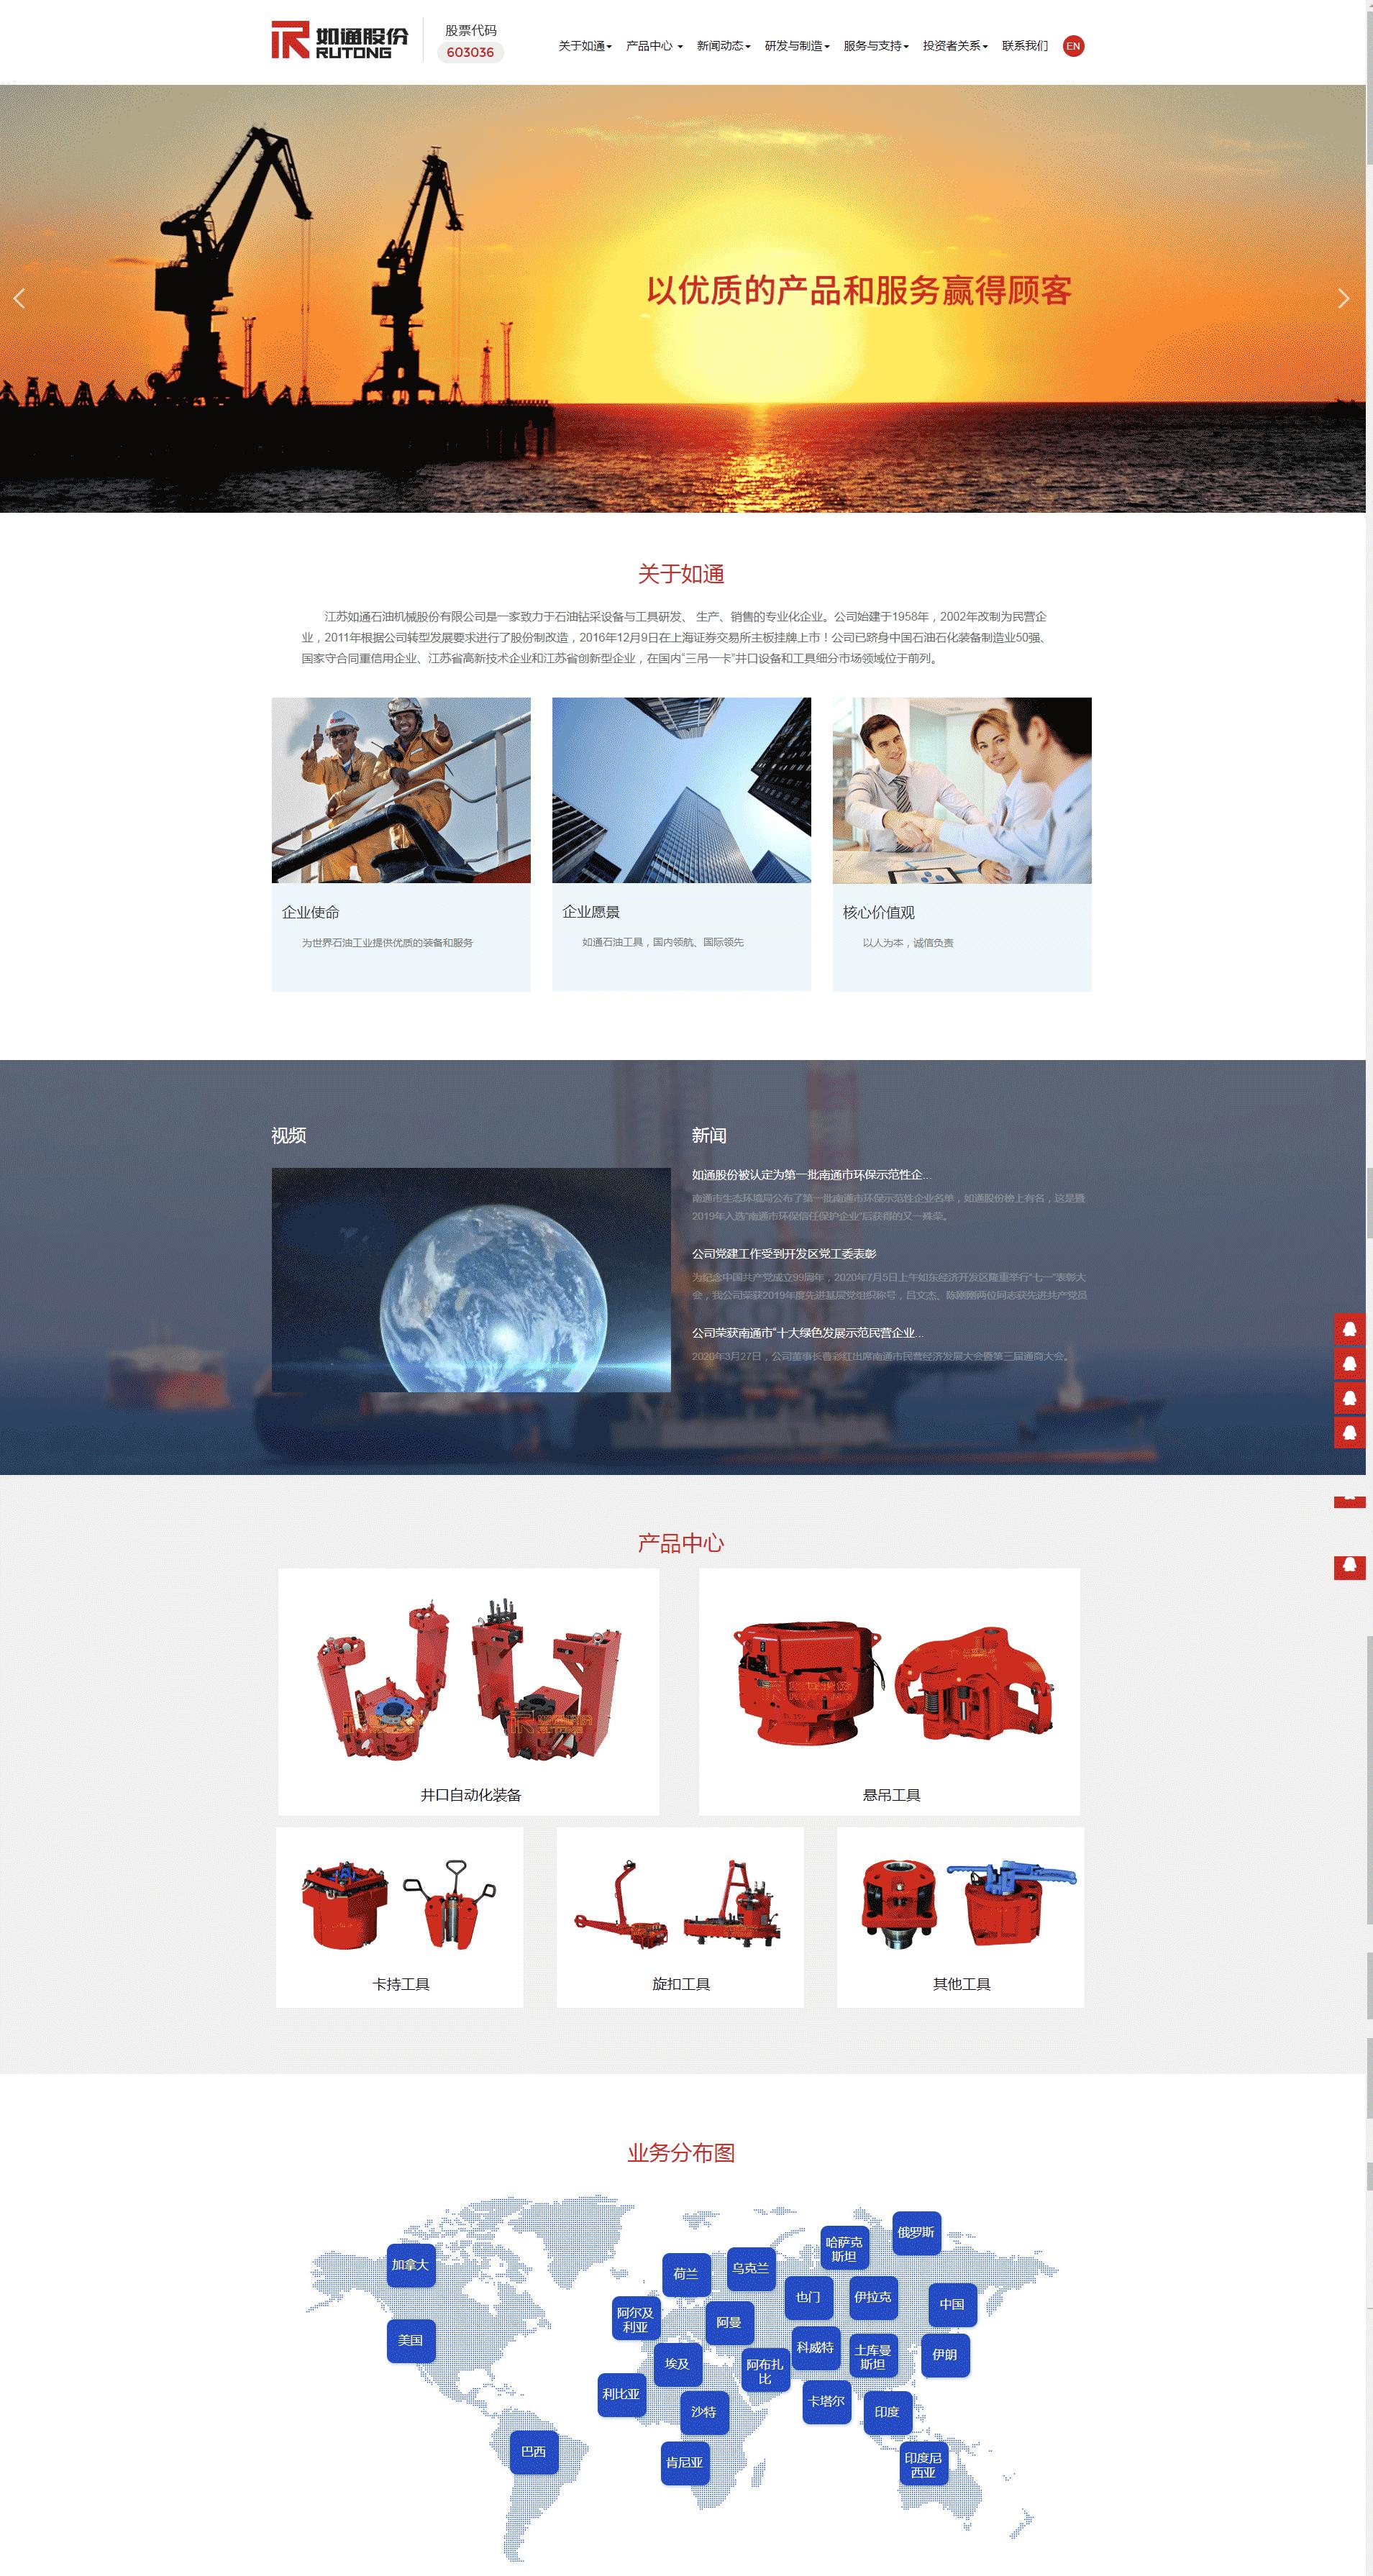 江苏如通石油机械股份有限公司